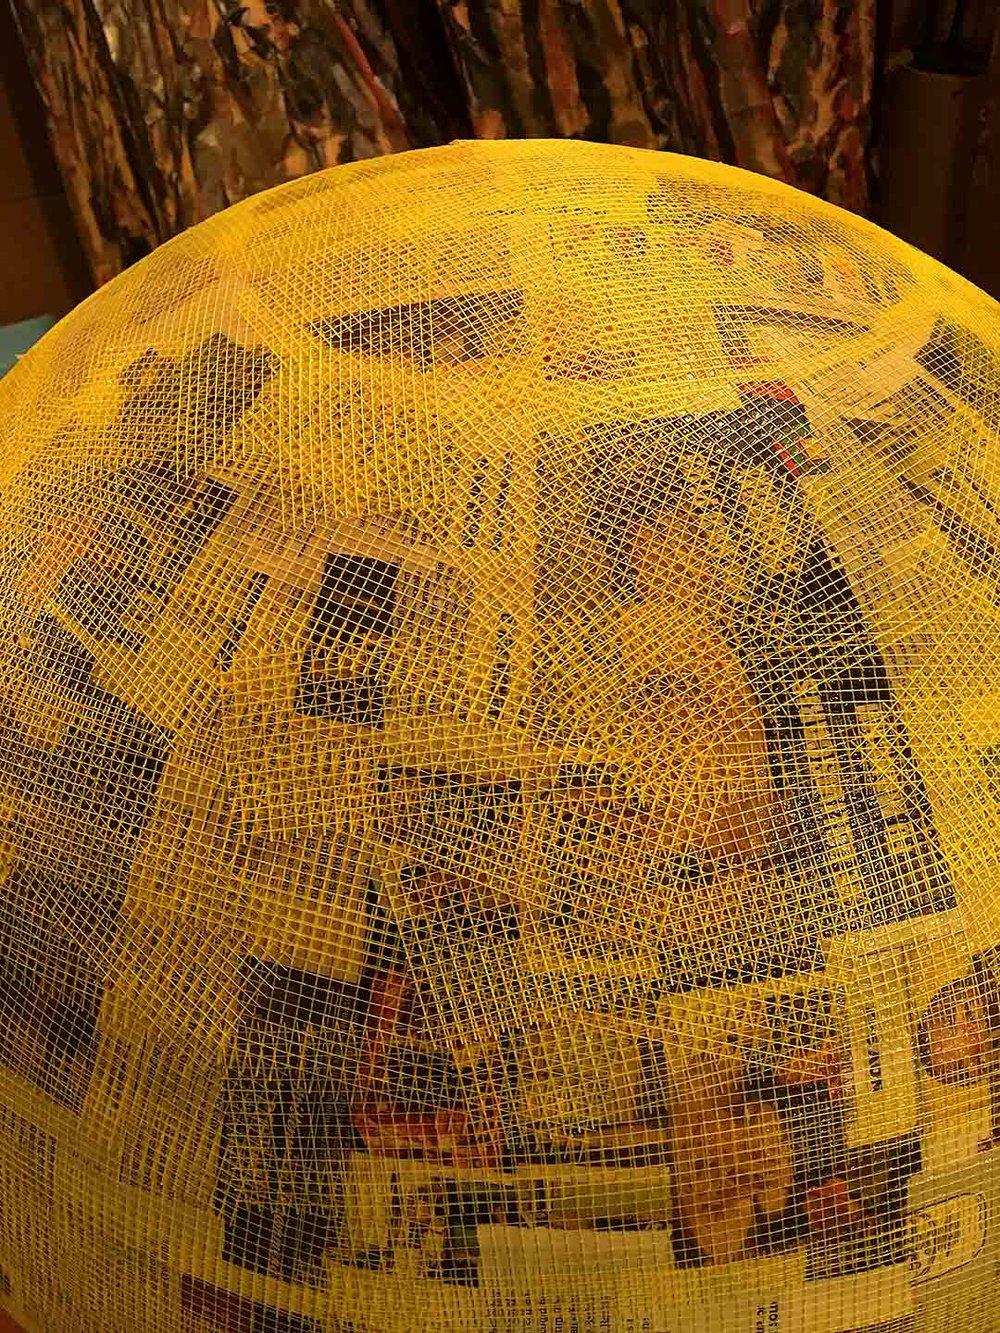 eye ball prop process7 web.jpg